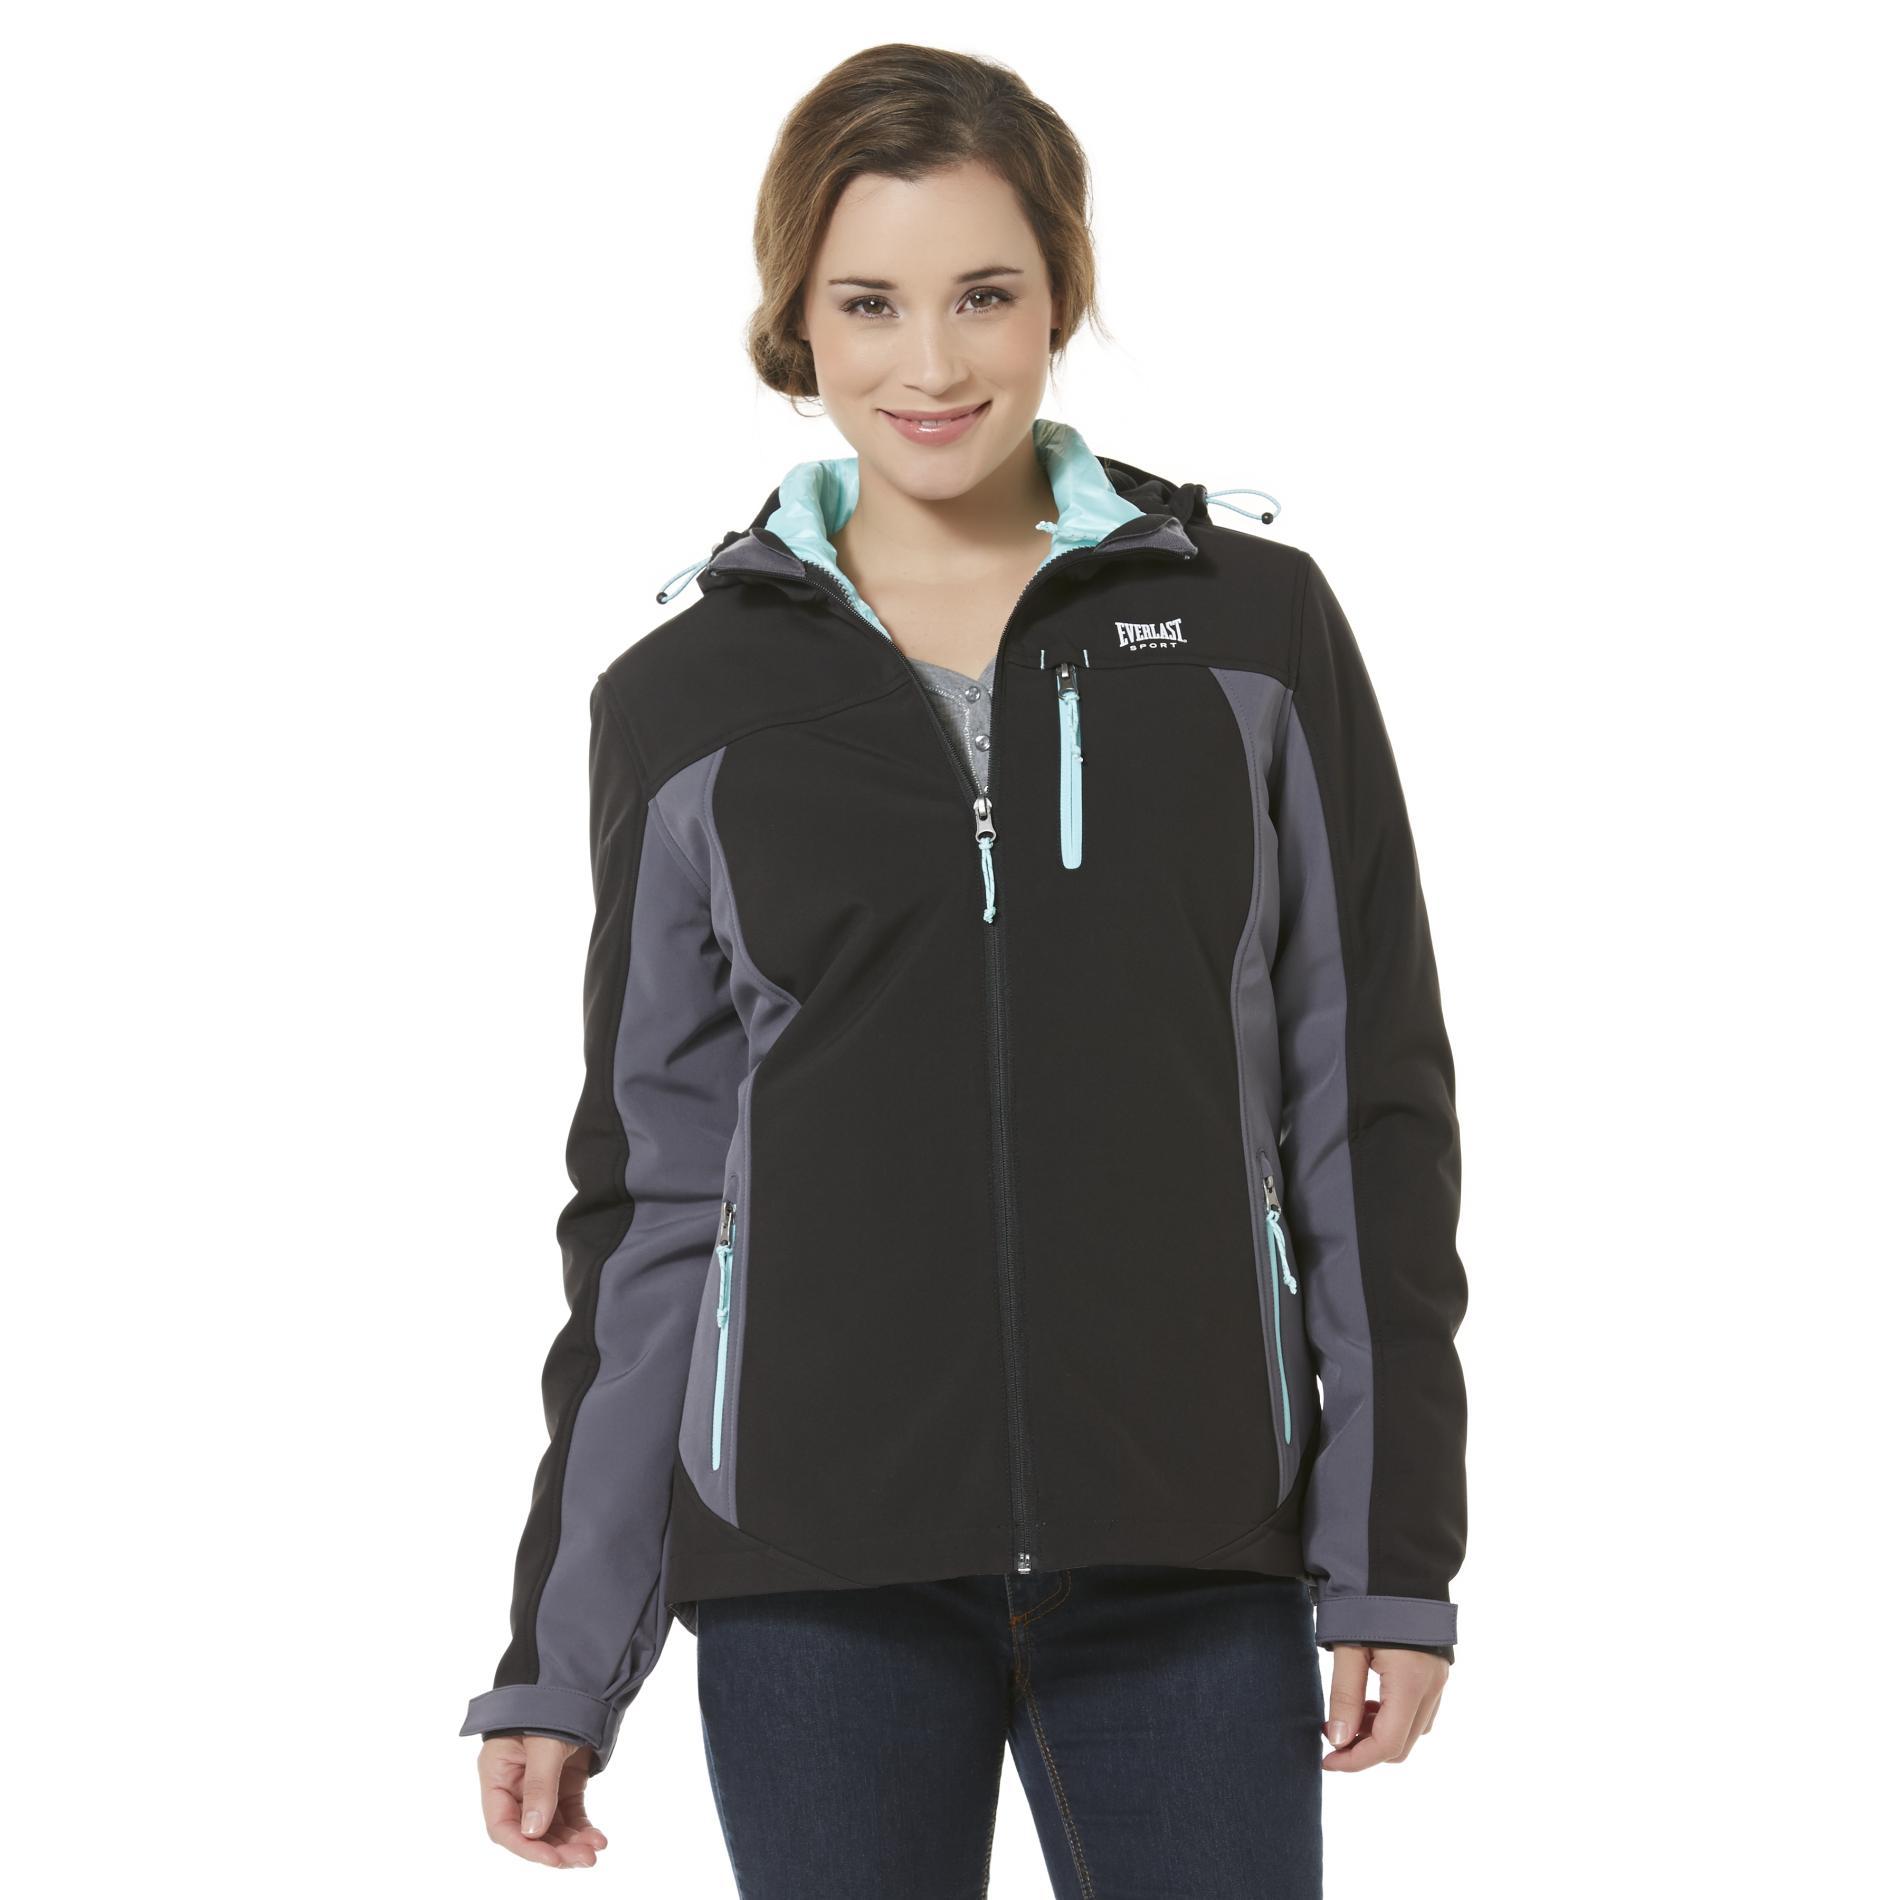 Everlast Women's Hooded Jackets